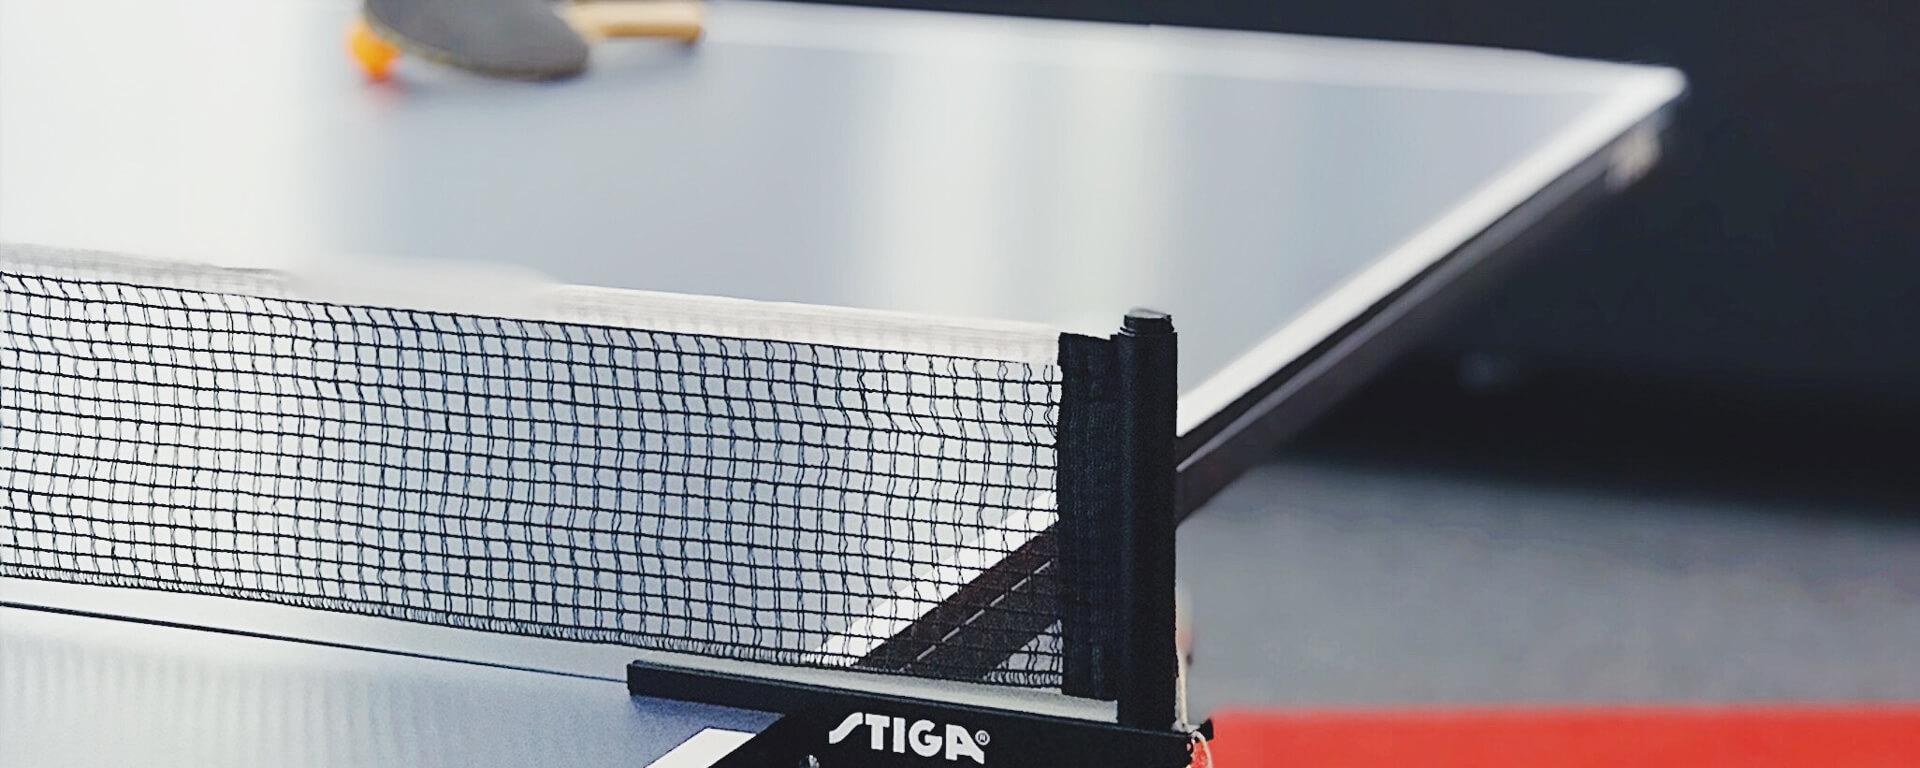 Utrustningen du behöver för att spela pingis fdbe52d1422f8